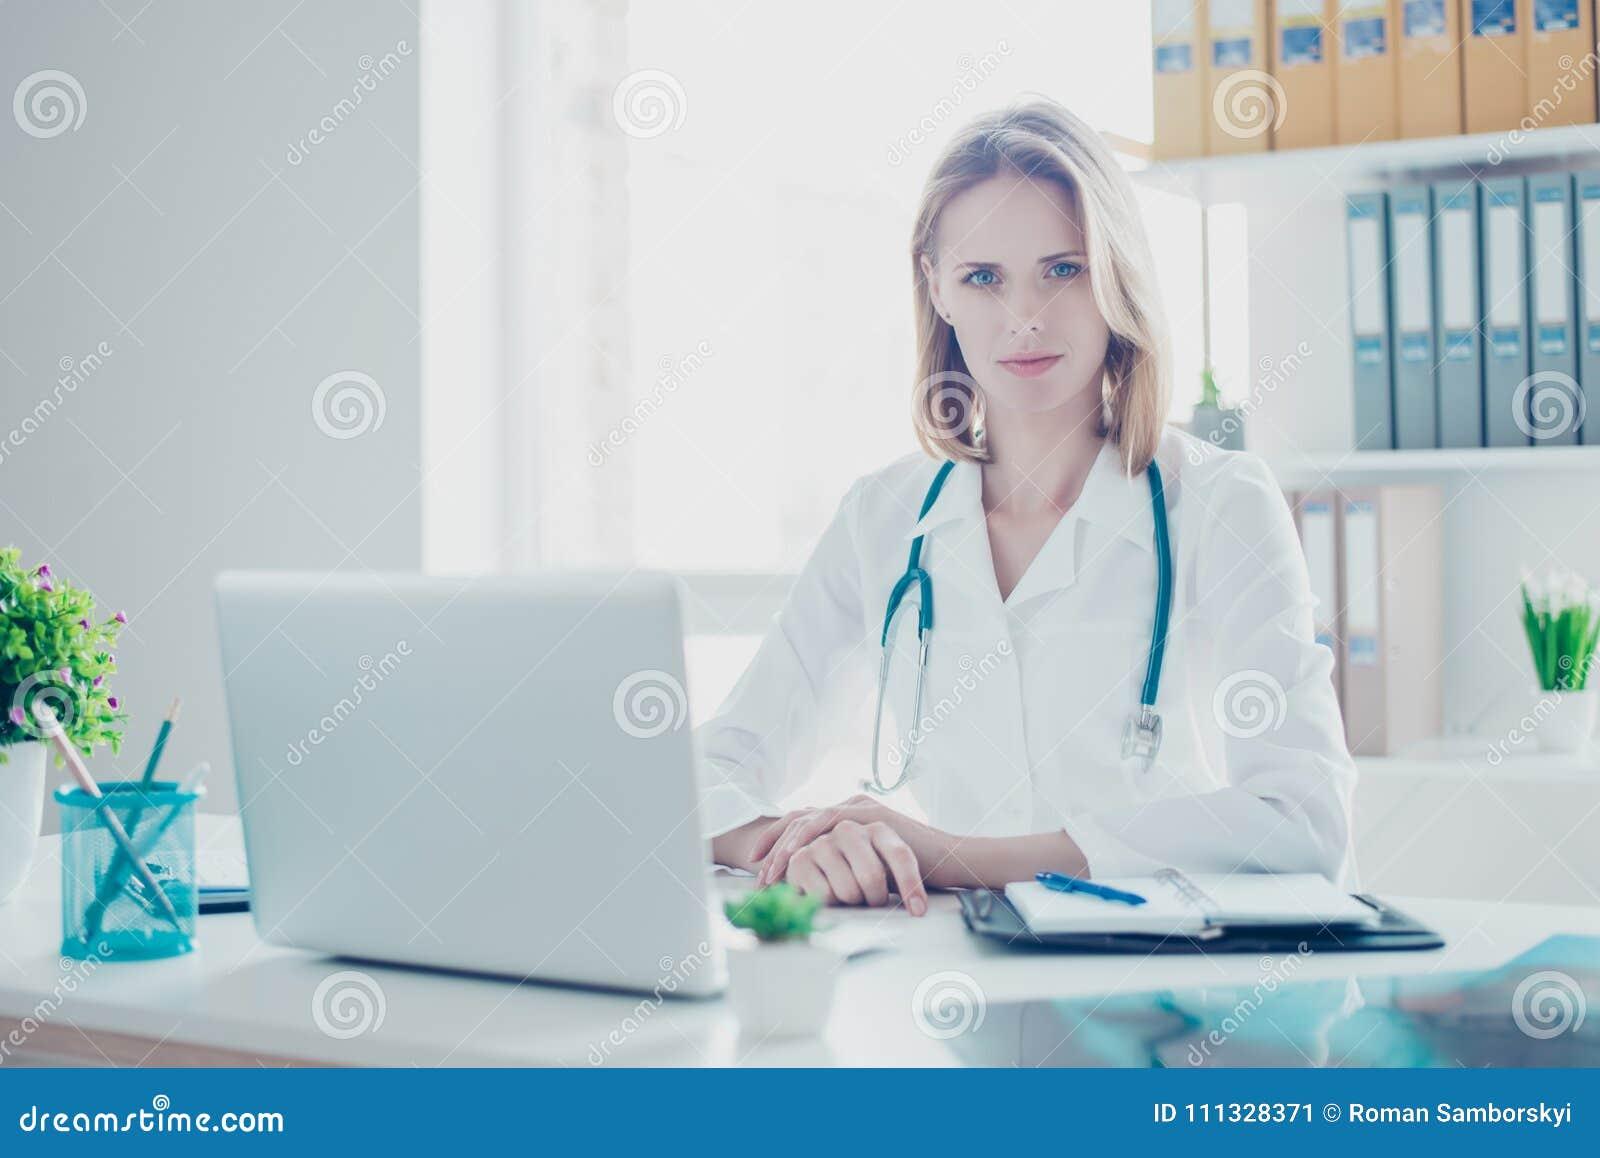 Porträt des überzeugten starken Medizinstudenten, der weißen Mantel, SH trägt